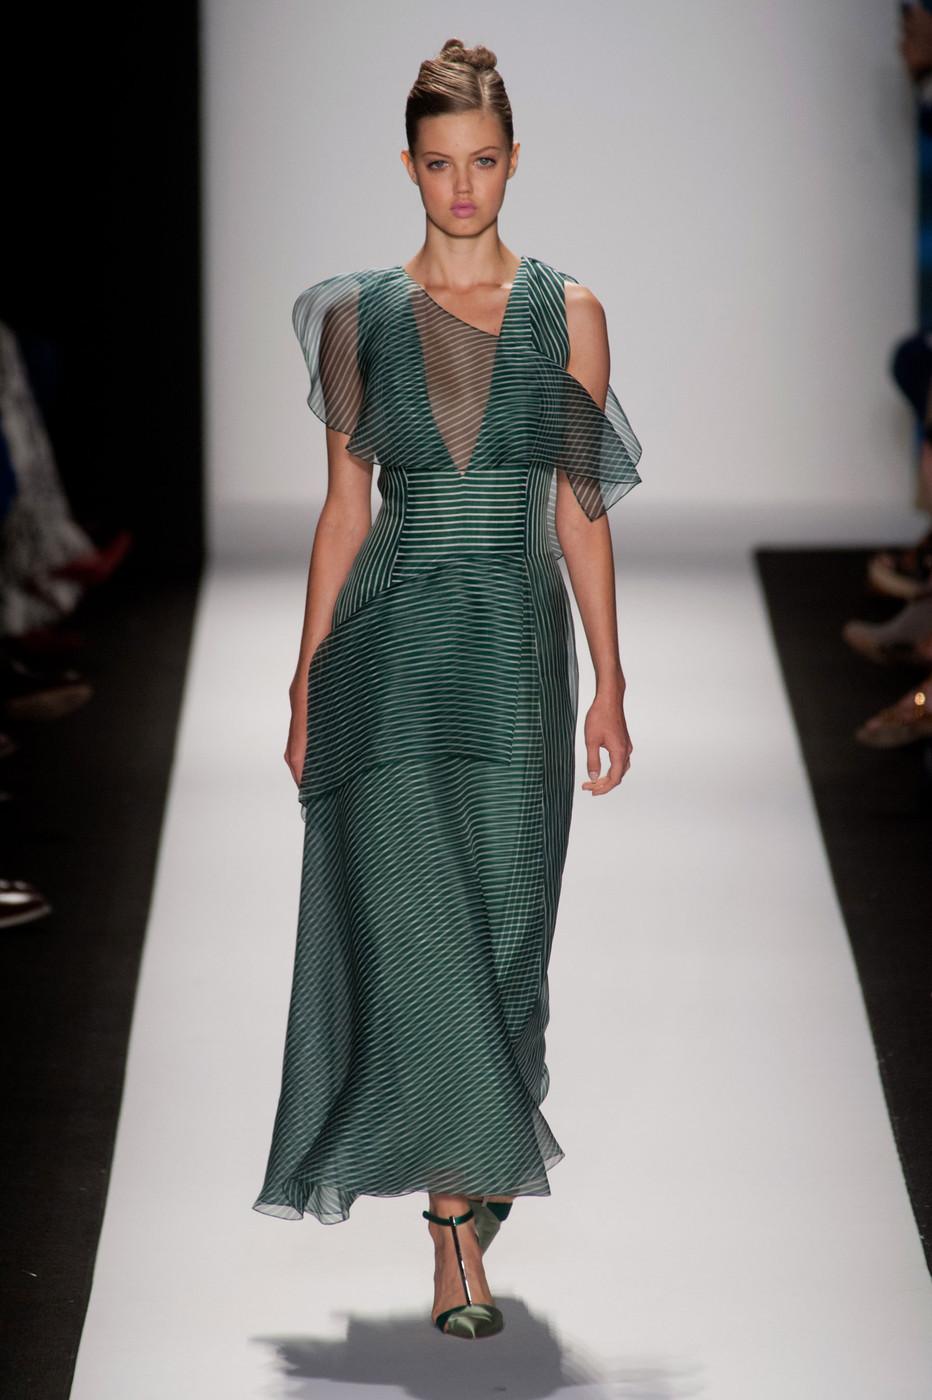 NEW YORK FASHION WEEK: CAROLINA HERRERA SPRING 2014 ...